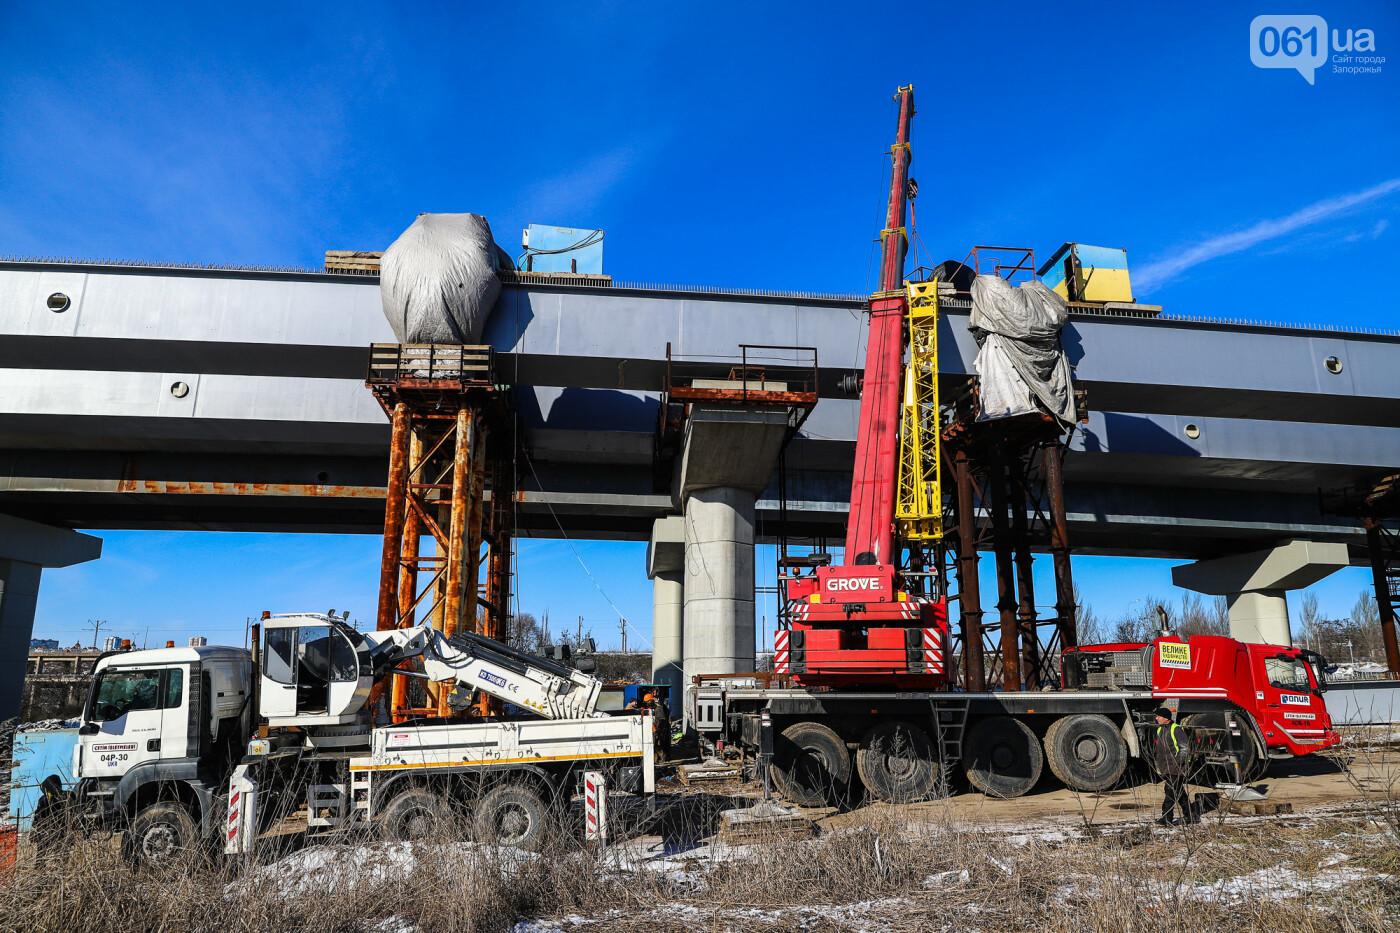 Кран с иностранной пропиской, ванты и металл: строительство запорожских мостов в фотографиях, фото-33